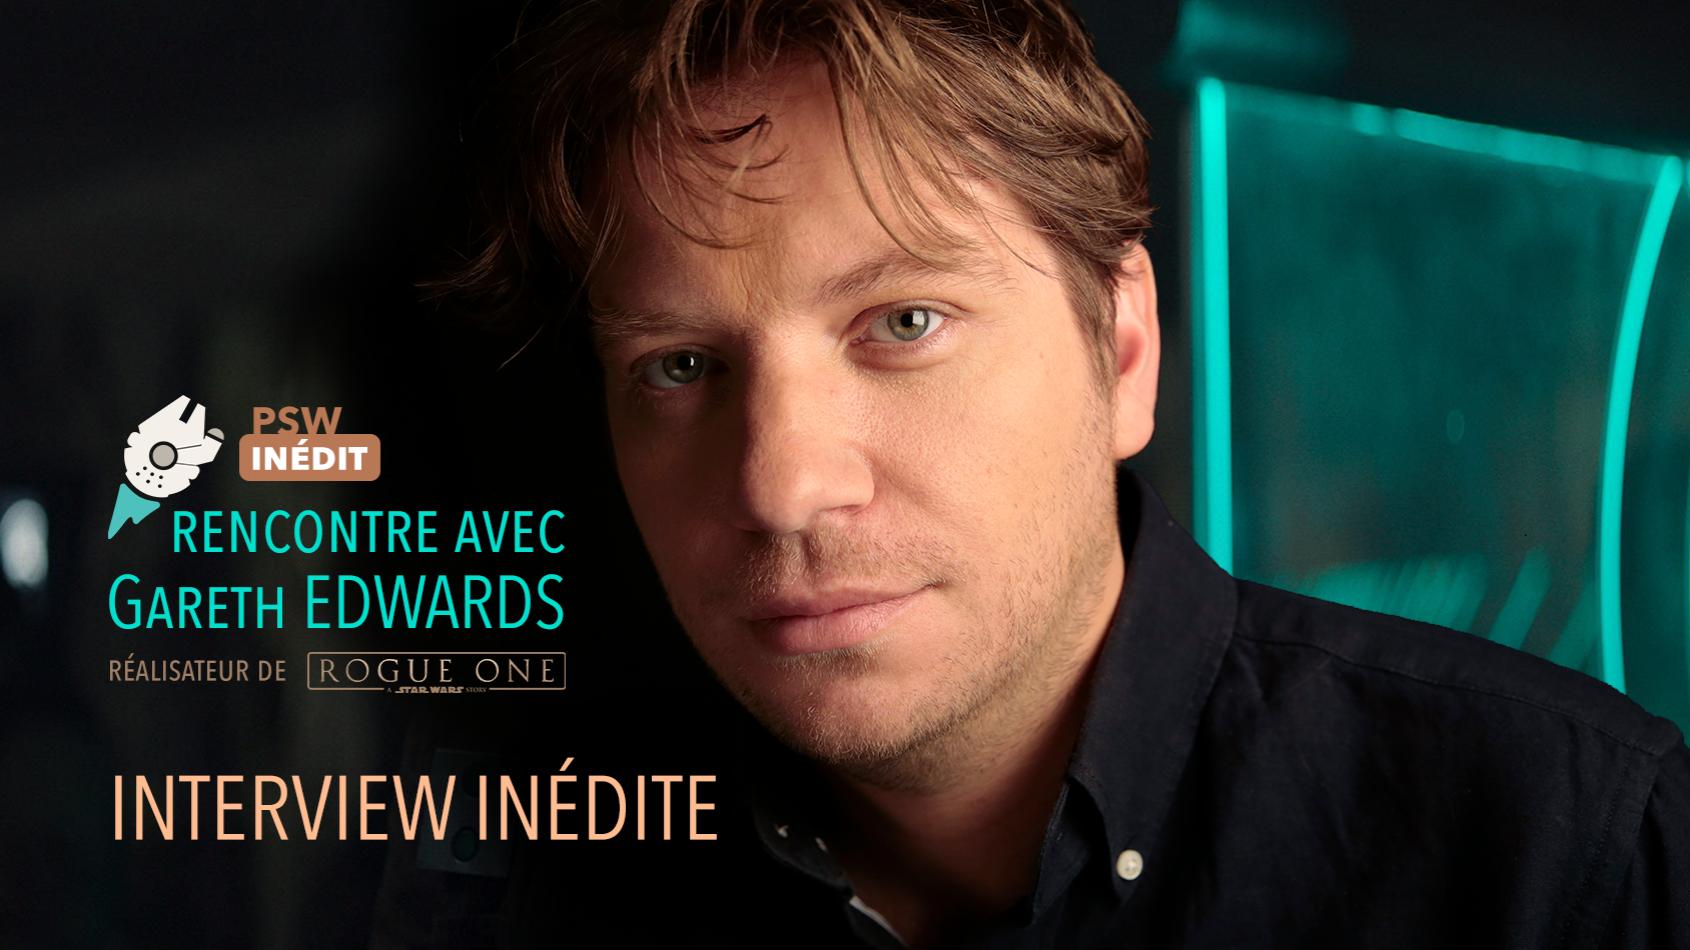 Interview inédite de Gareth Edwards, le réalisateur de Rogue One !